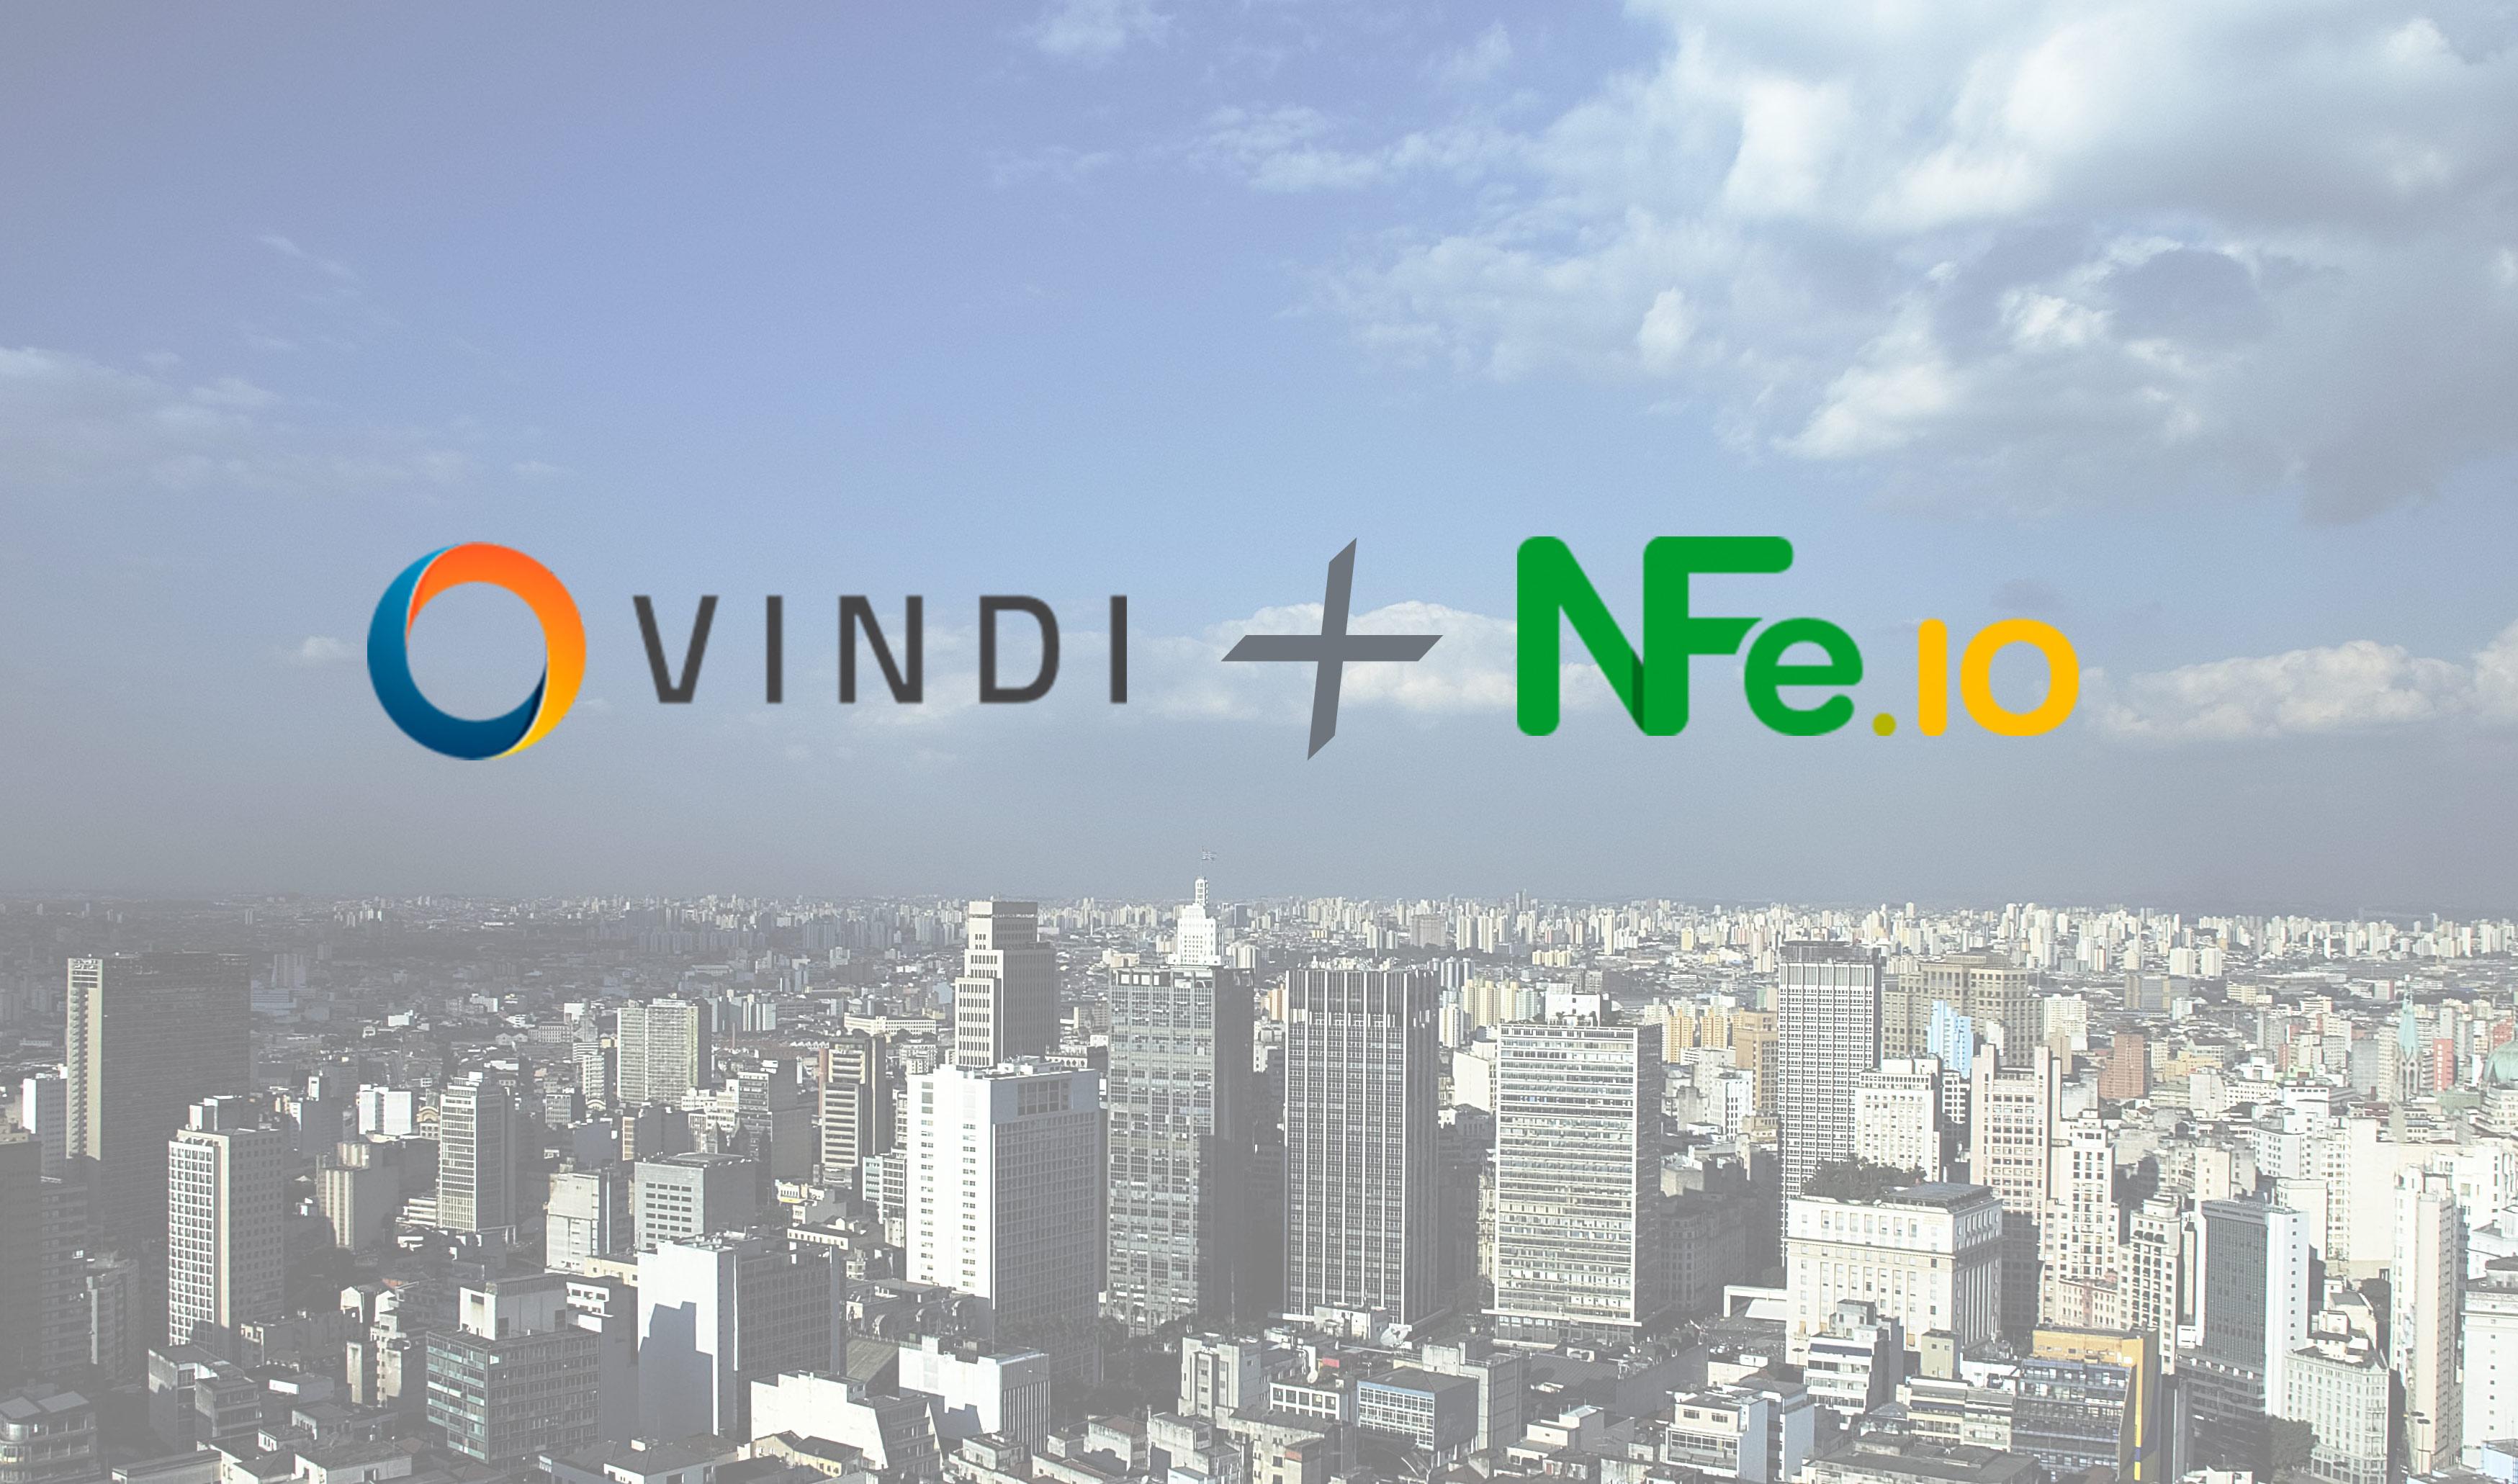 Integração Nota Fiscal Online NFE.io